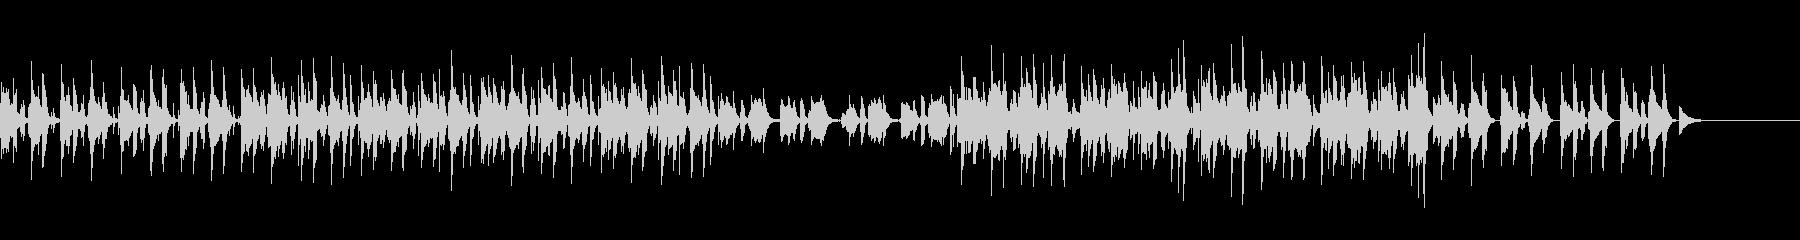 コソコソと移動しているイメージのジャズの未再生の波形